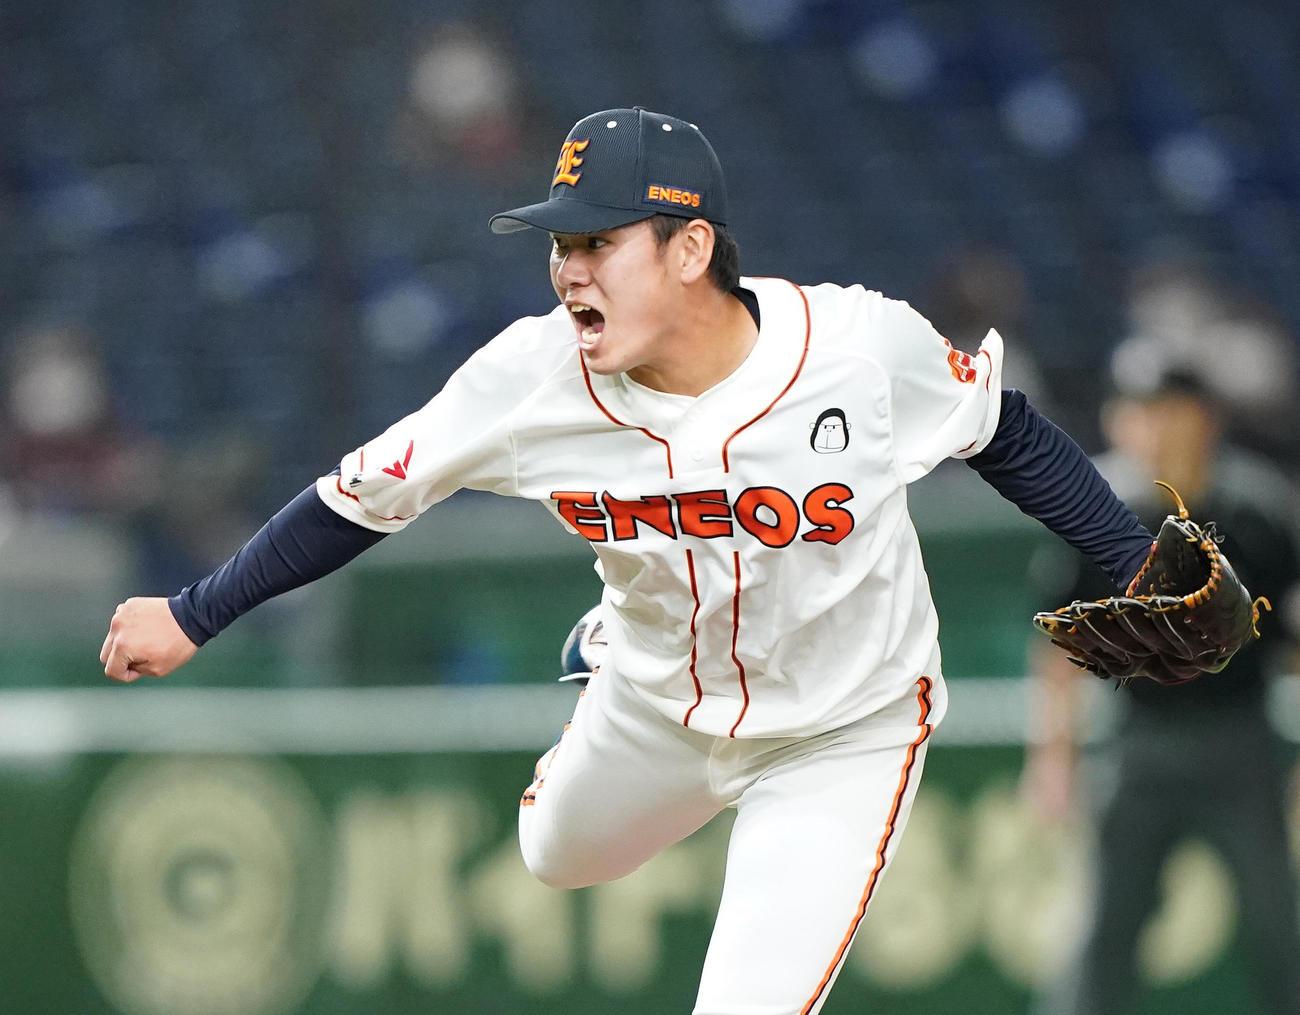 ENEOS対ホンダ 7回から3番手として登板し、力投するENEOS・伊藤(撮影・菅敏)